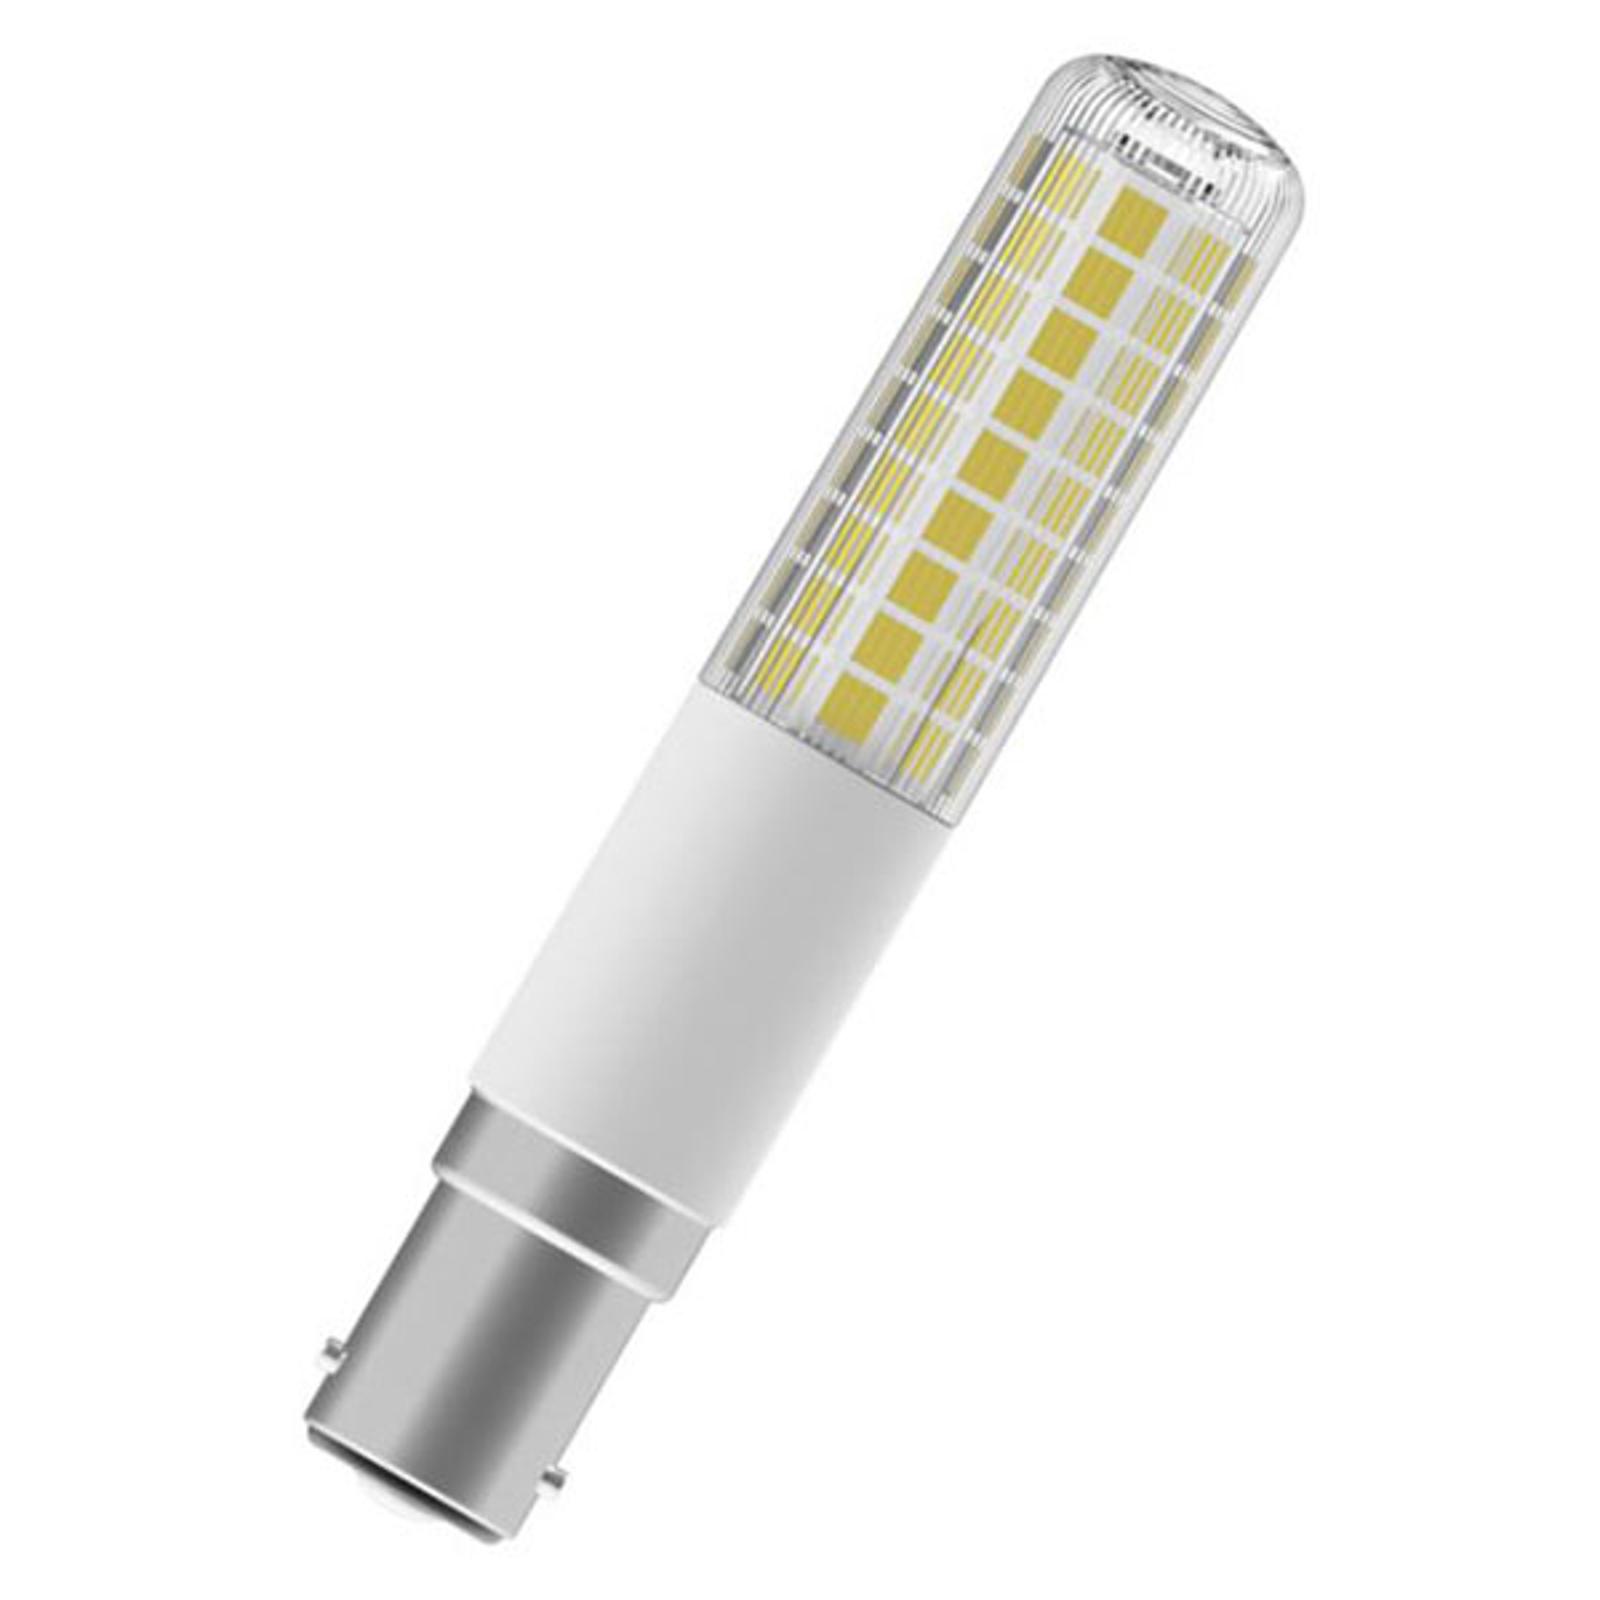 OSRAM ampoule LED Special T B15d 8W 2700K dim